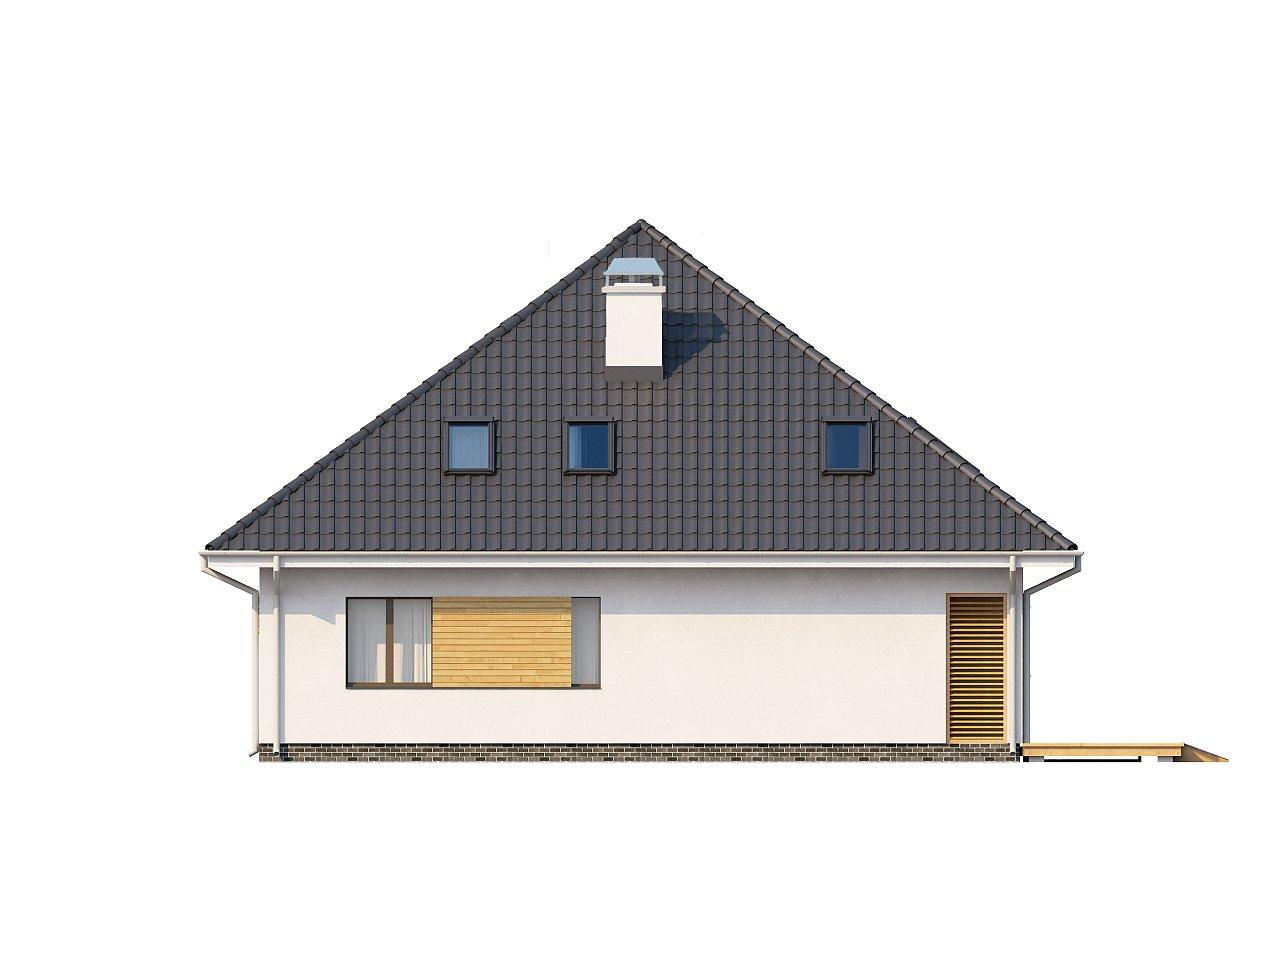 Красивый и функциональный дом с боковой террасой и необычным мансардным окном. 4